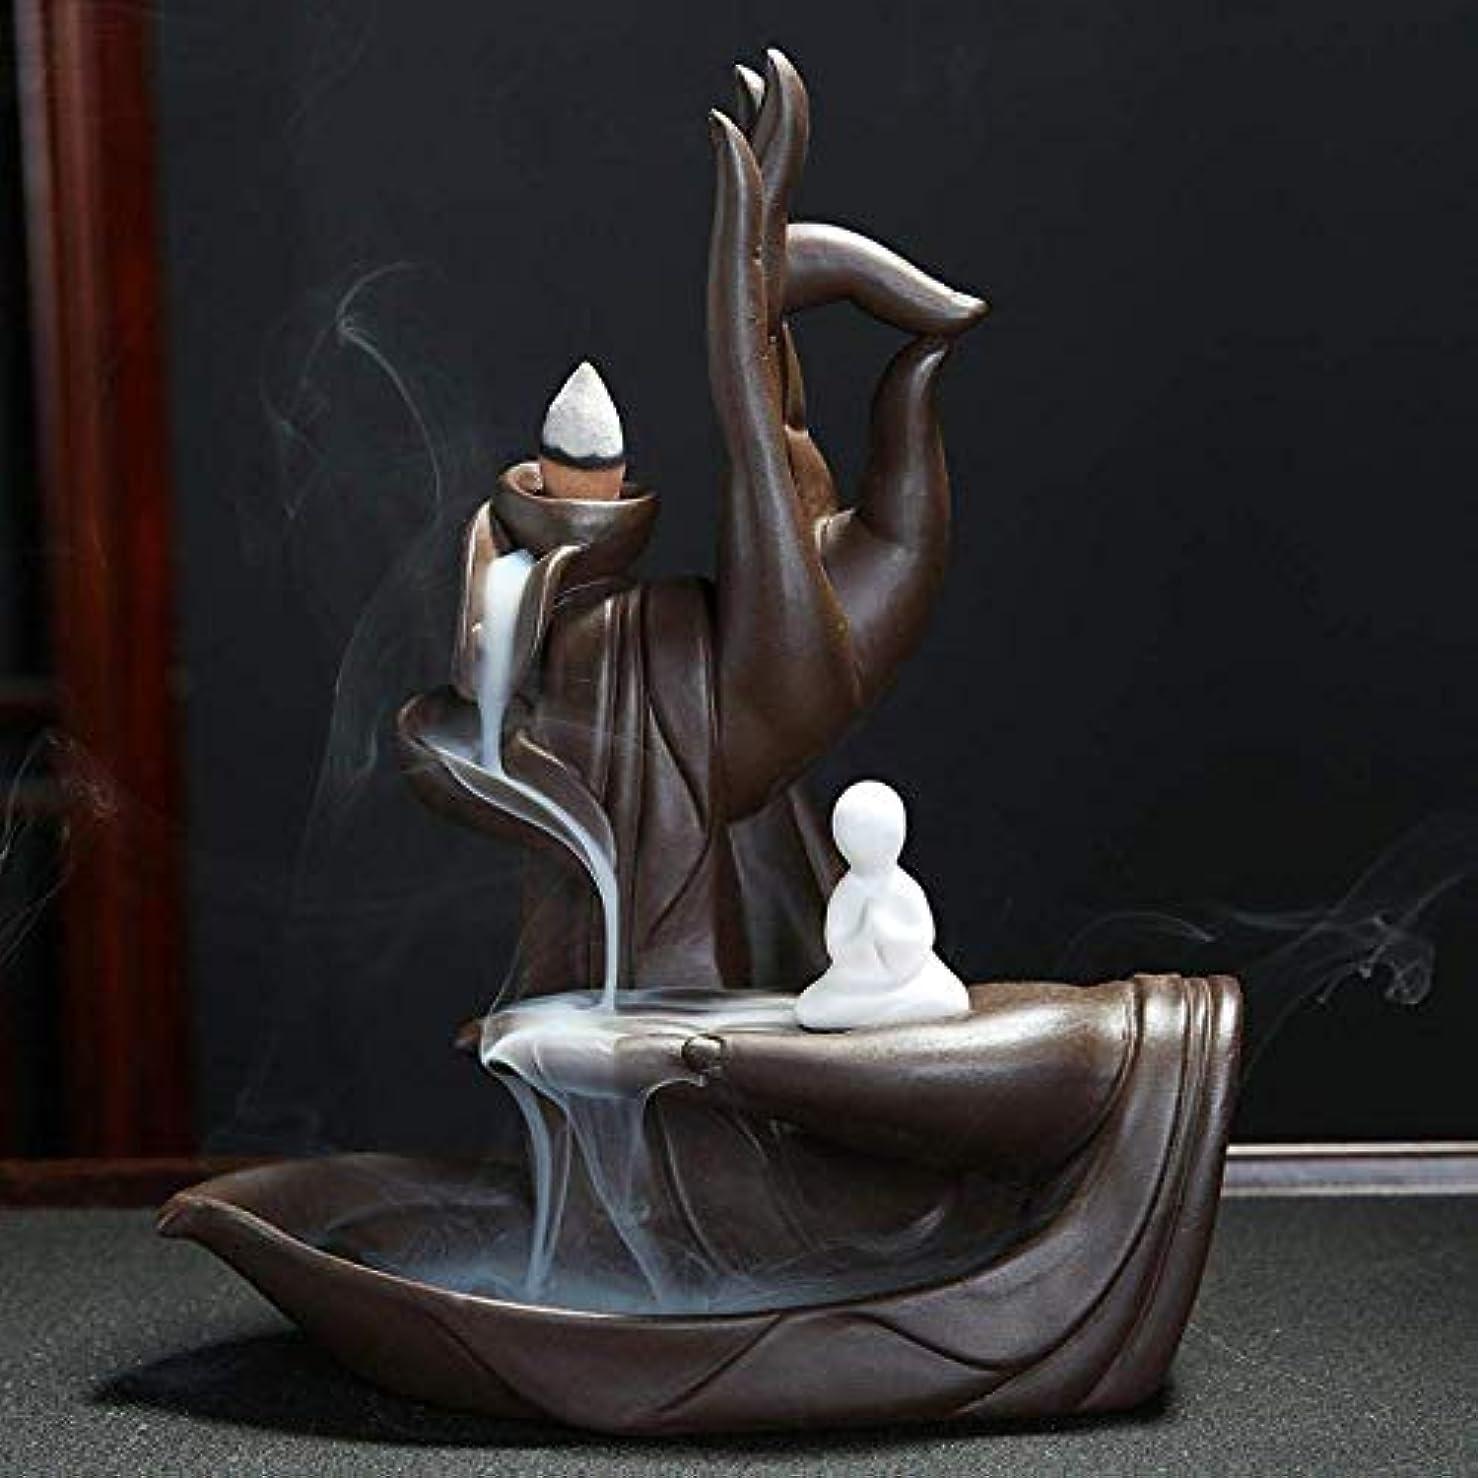 テレマコススキャンダラス然とした逆流香ホルダー、香バーナーセラミック香スティックホルダーホームデコレーション手芸ギフト,Zen Man